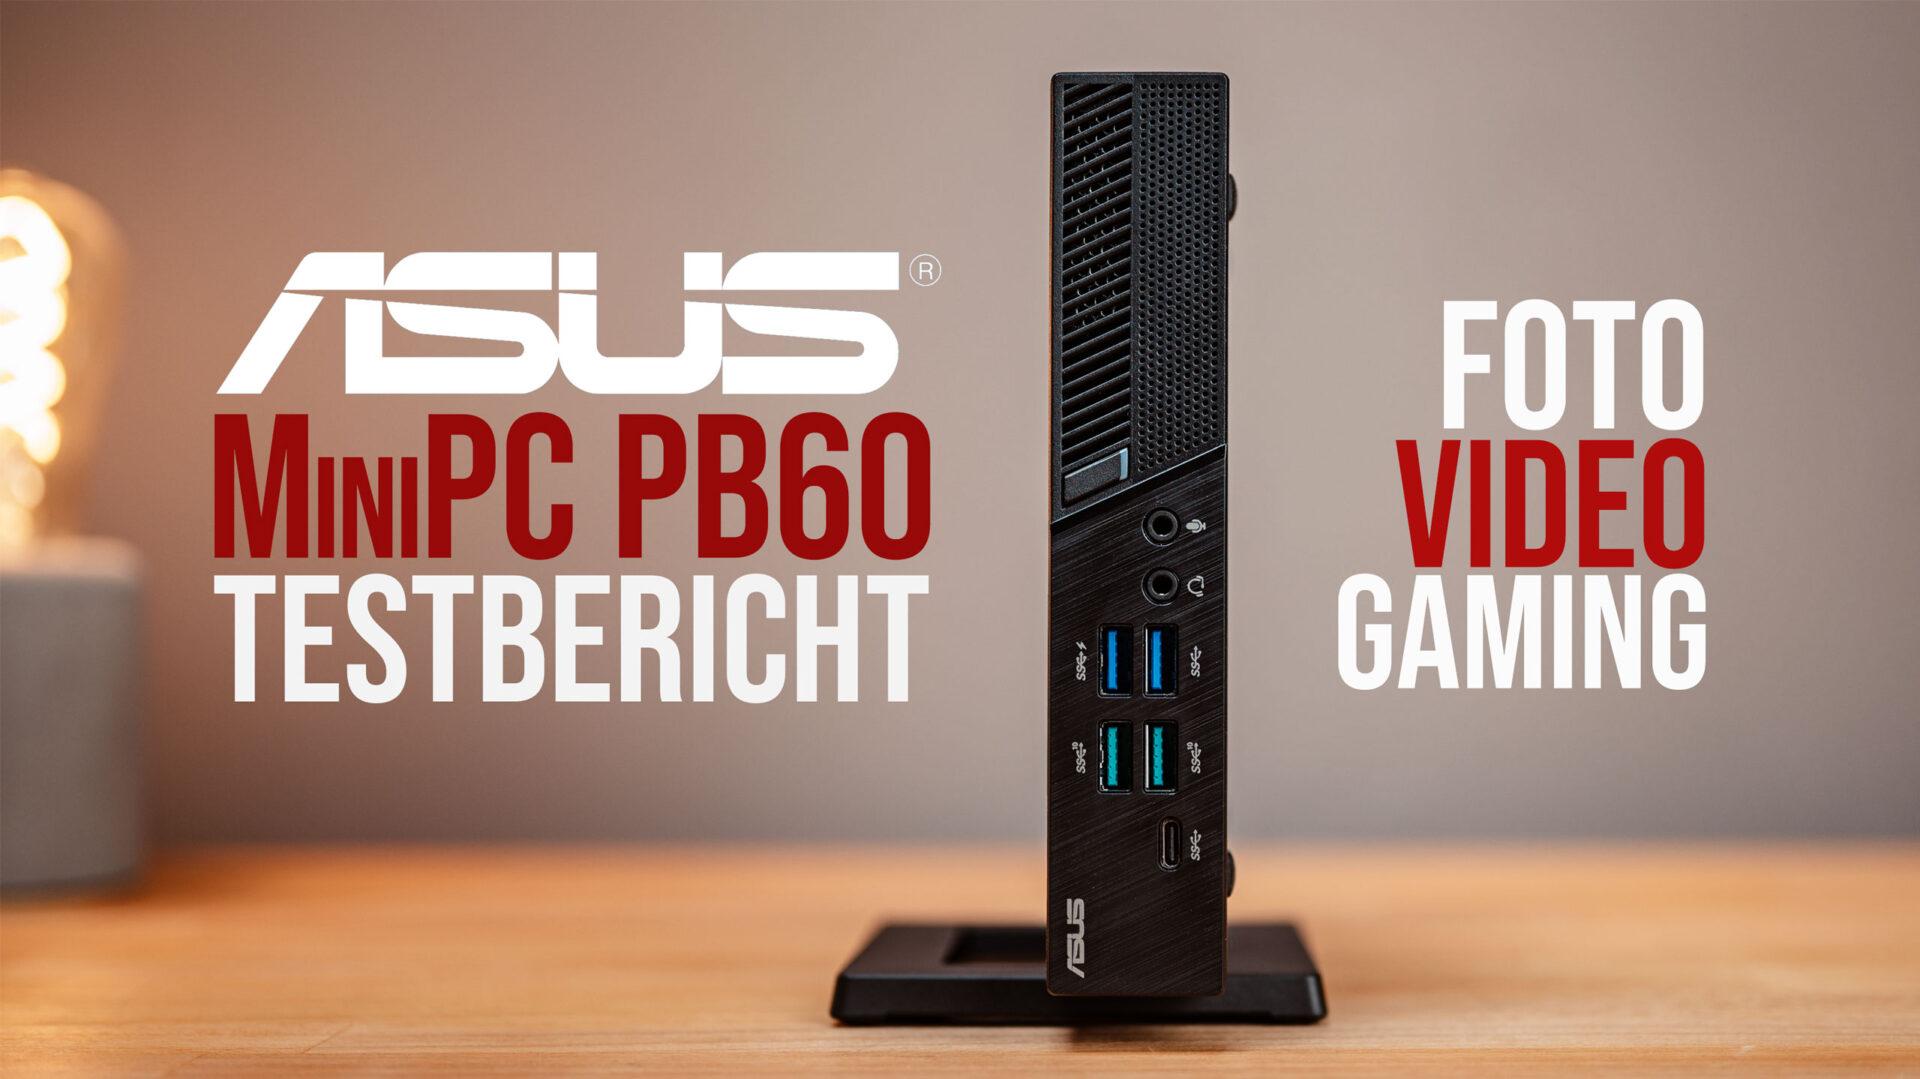 Test ASUS Mini PC PB60 Videobearbeitung Fotografie Gaming